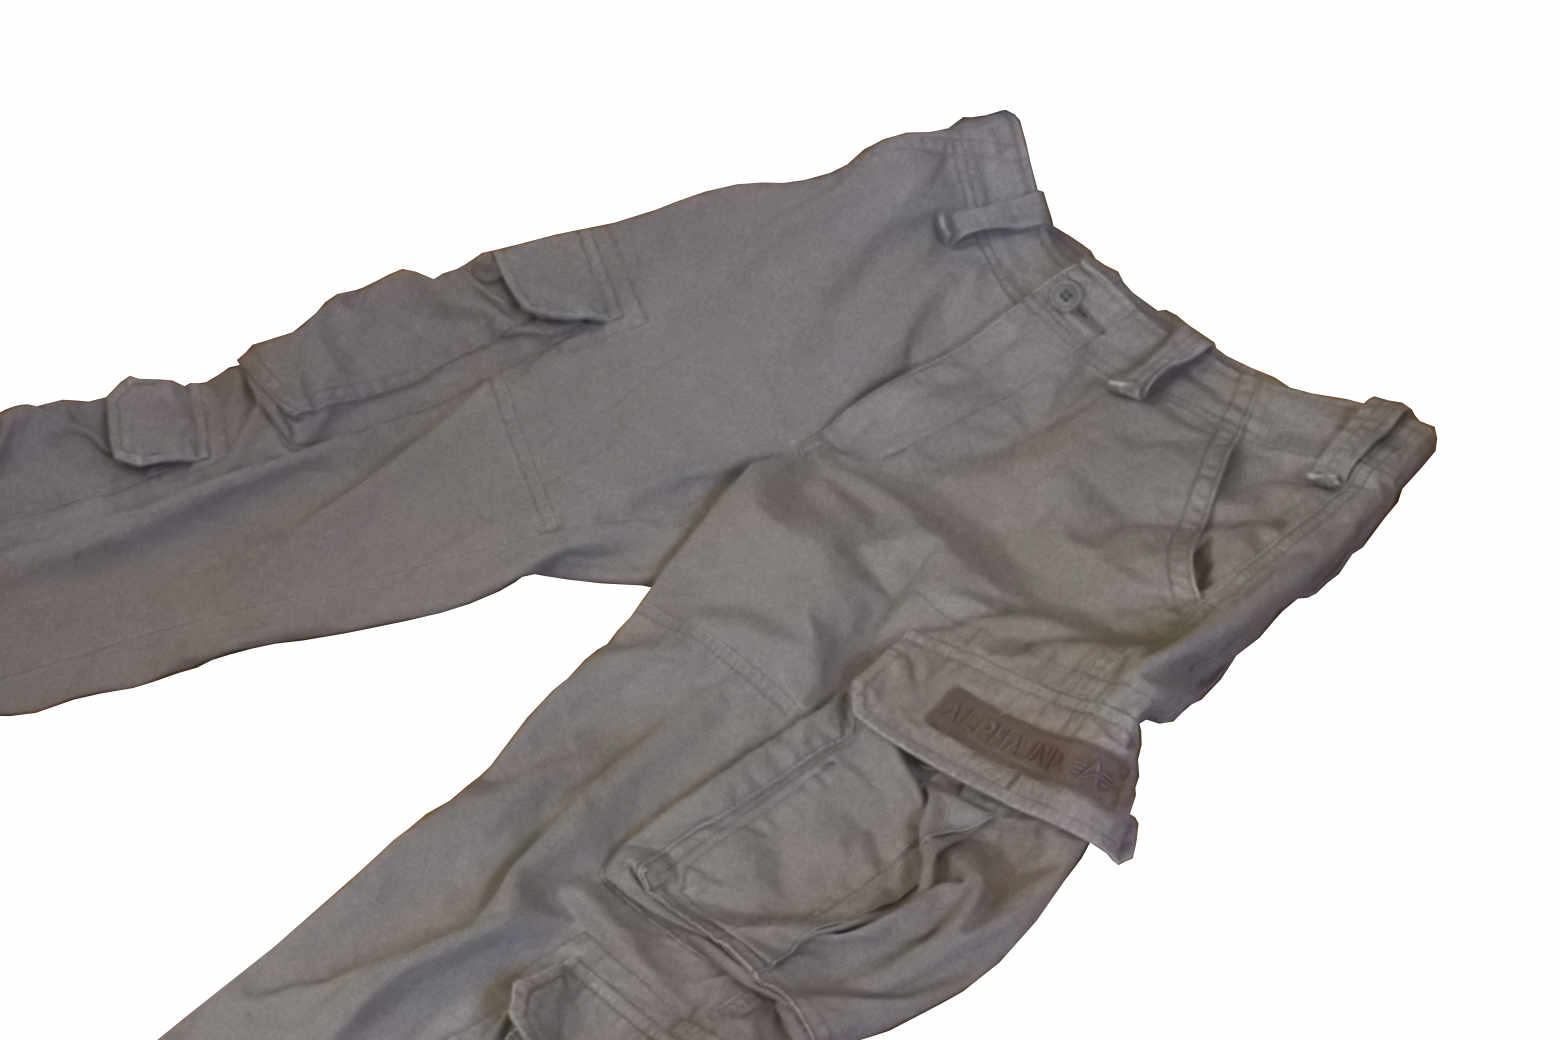 ALPHA(アルファ)社の 9ポケット カーゴパンツはカッコイイ【インプレ】